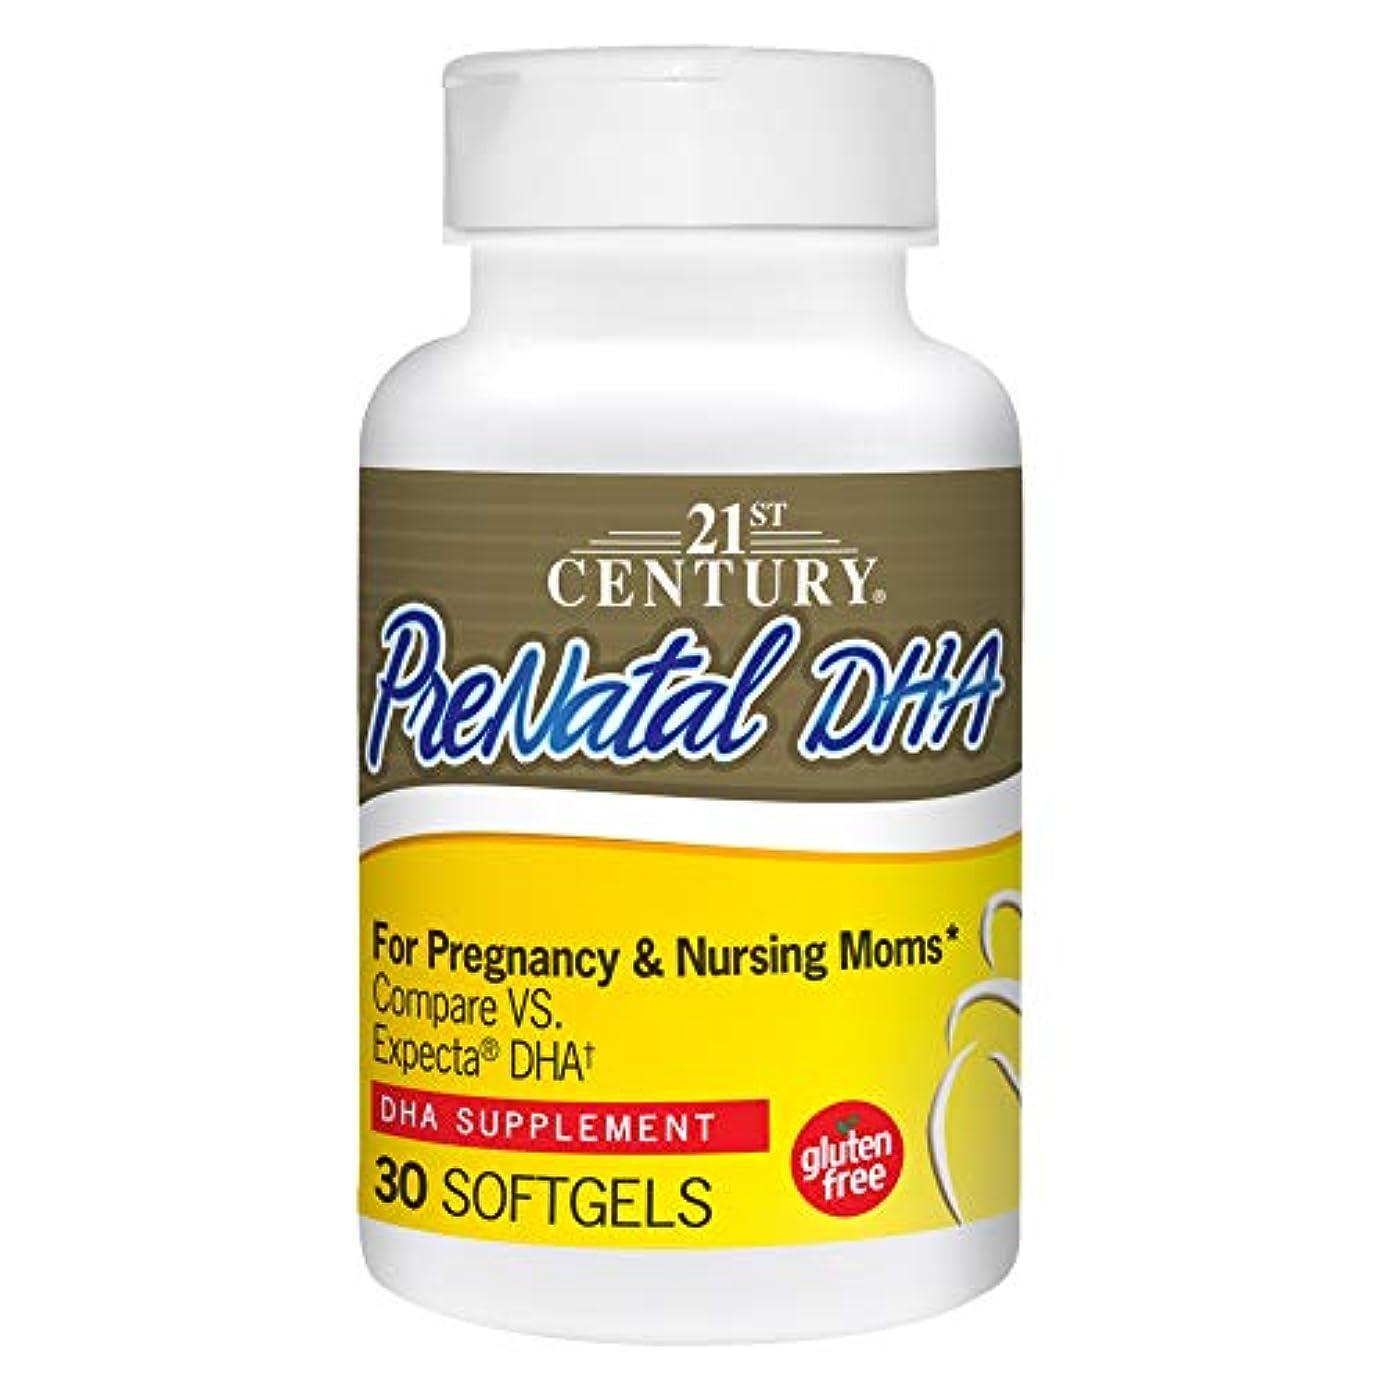 病んでいる理論的証人妊婦用 PreNatal DHA 出生前DHA30ソフトジェル (パラレル入力品)と妊婦(海外カラの直送品)PreNatal DHA 30 Softgels